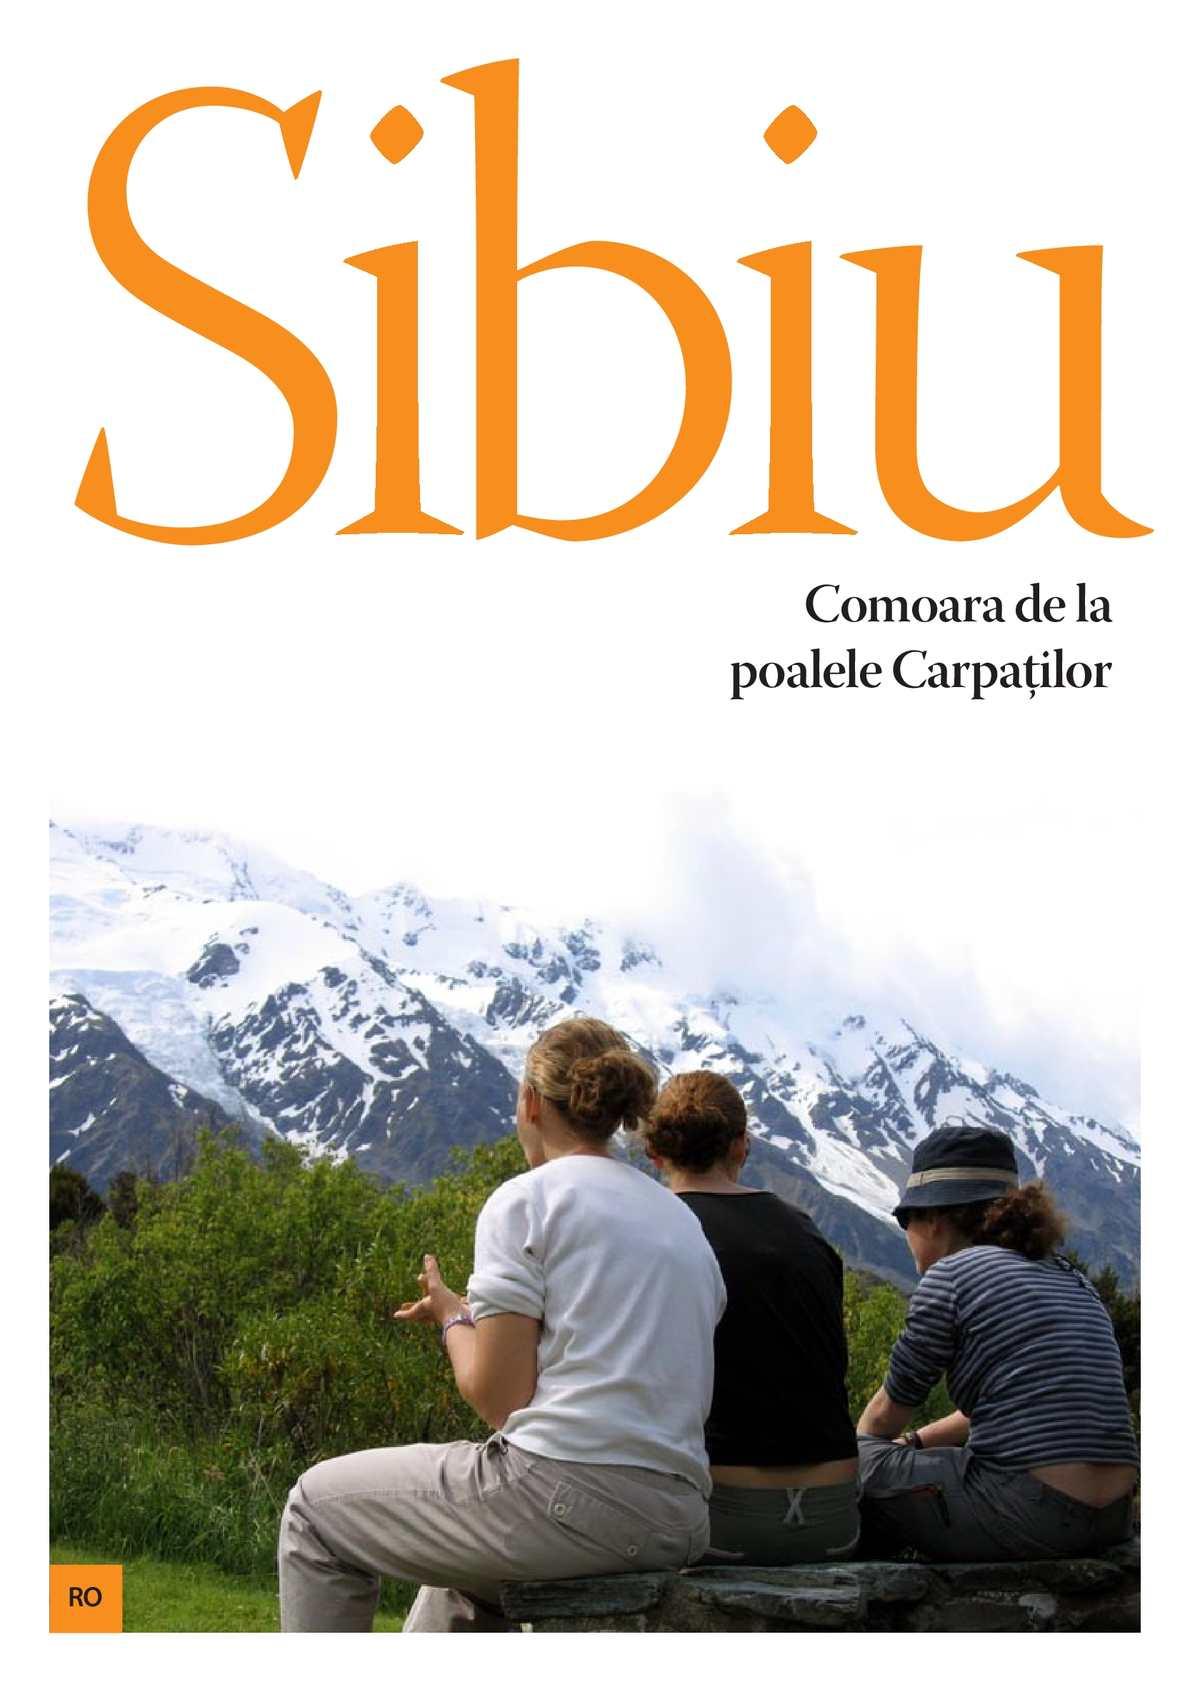 Sibiu - Comoara de la poalele Carpaţilor | RO